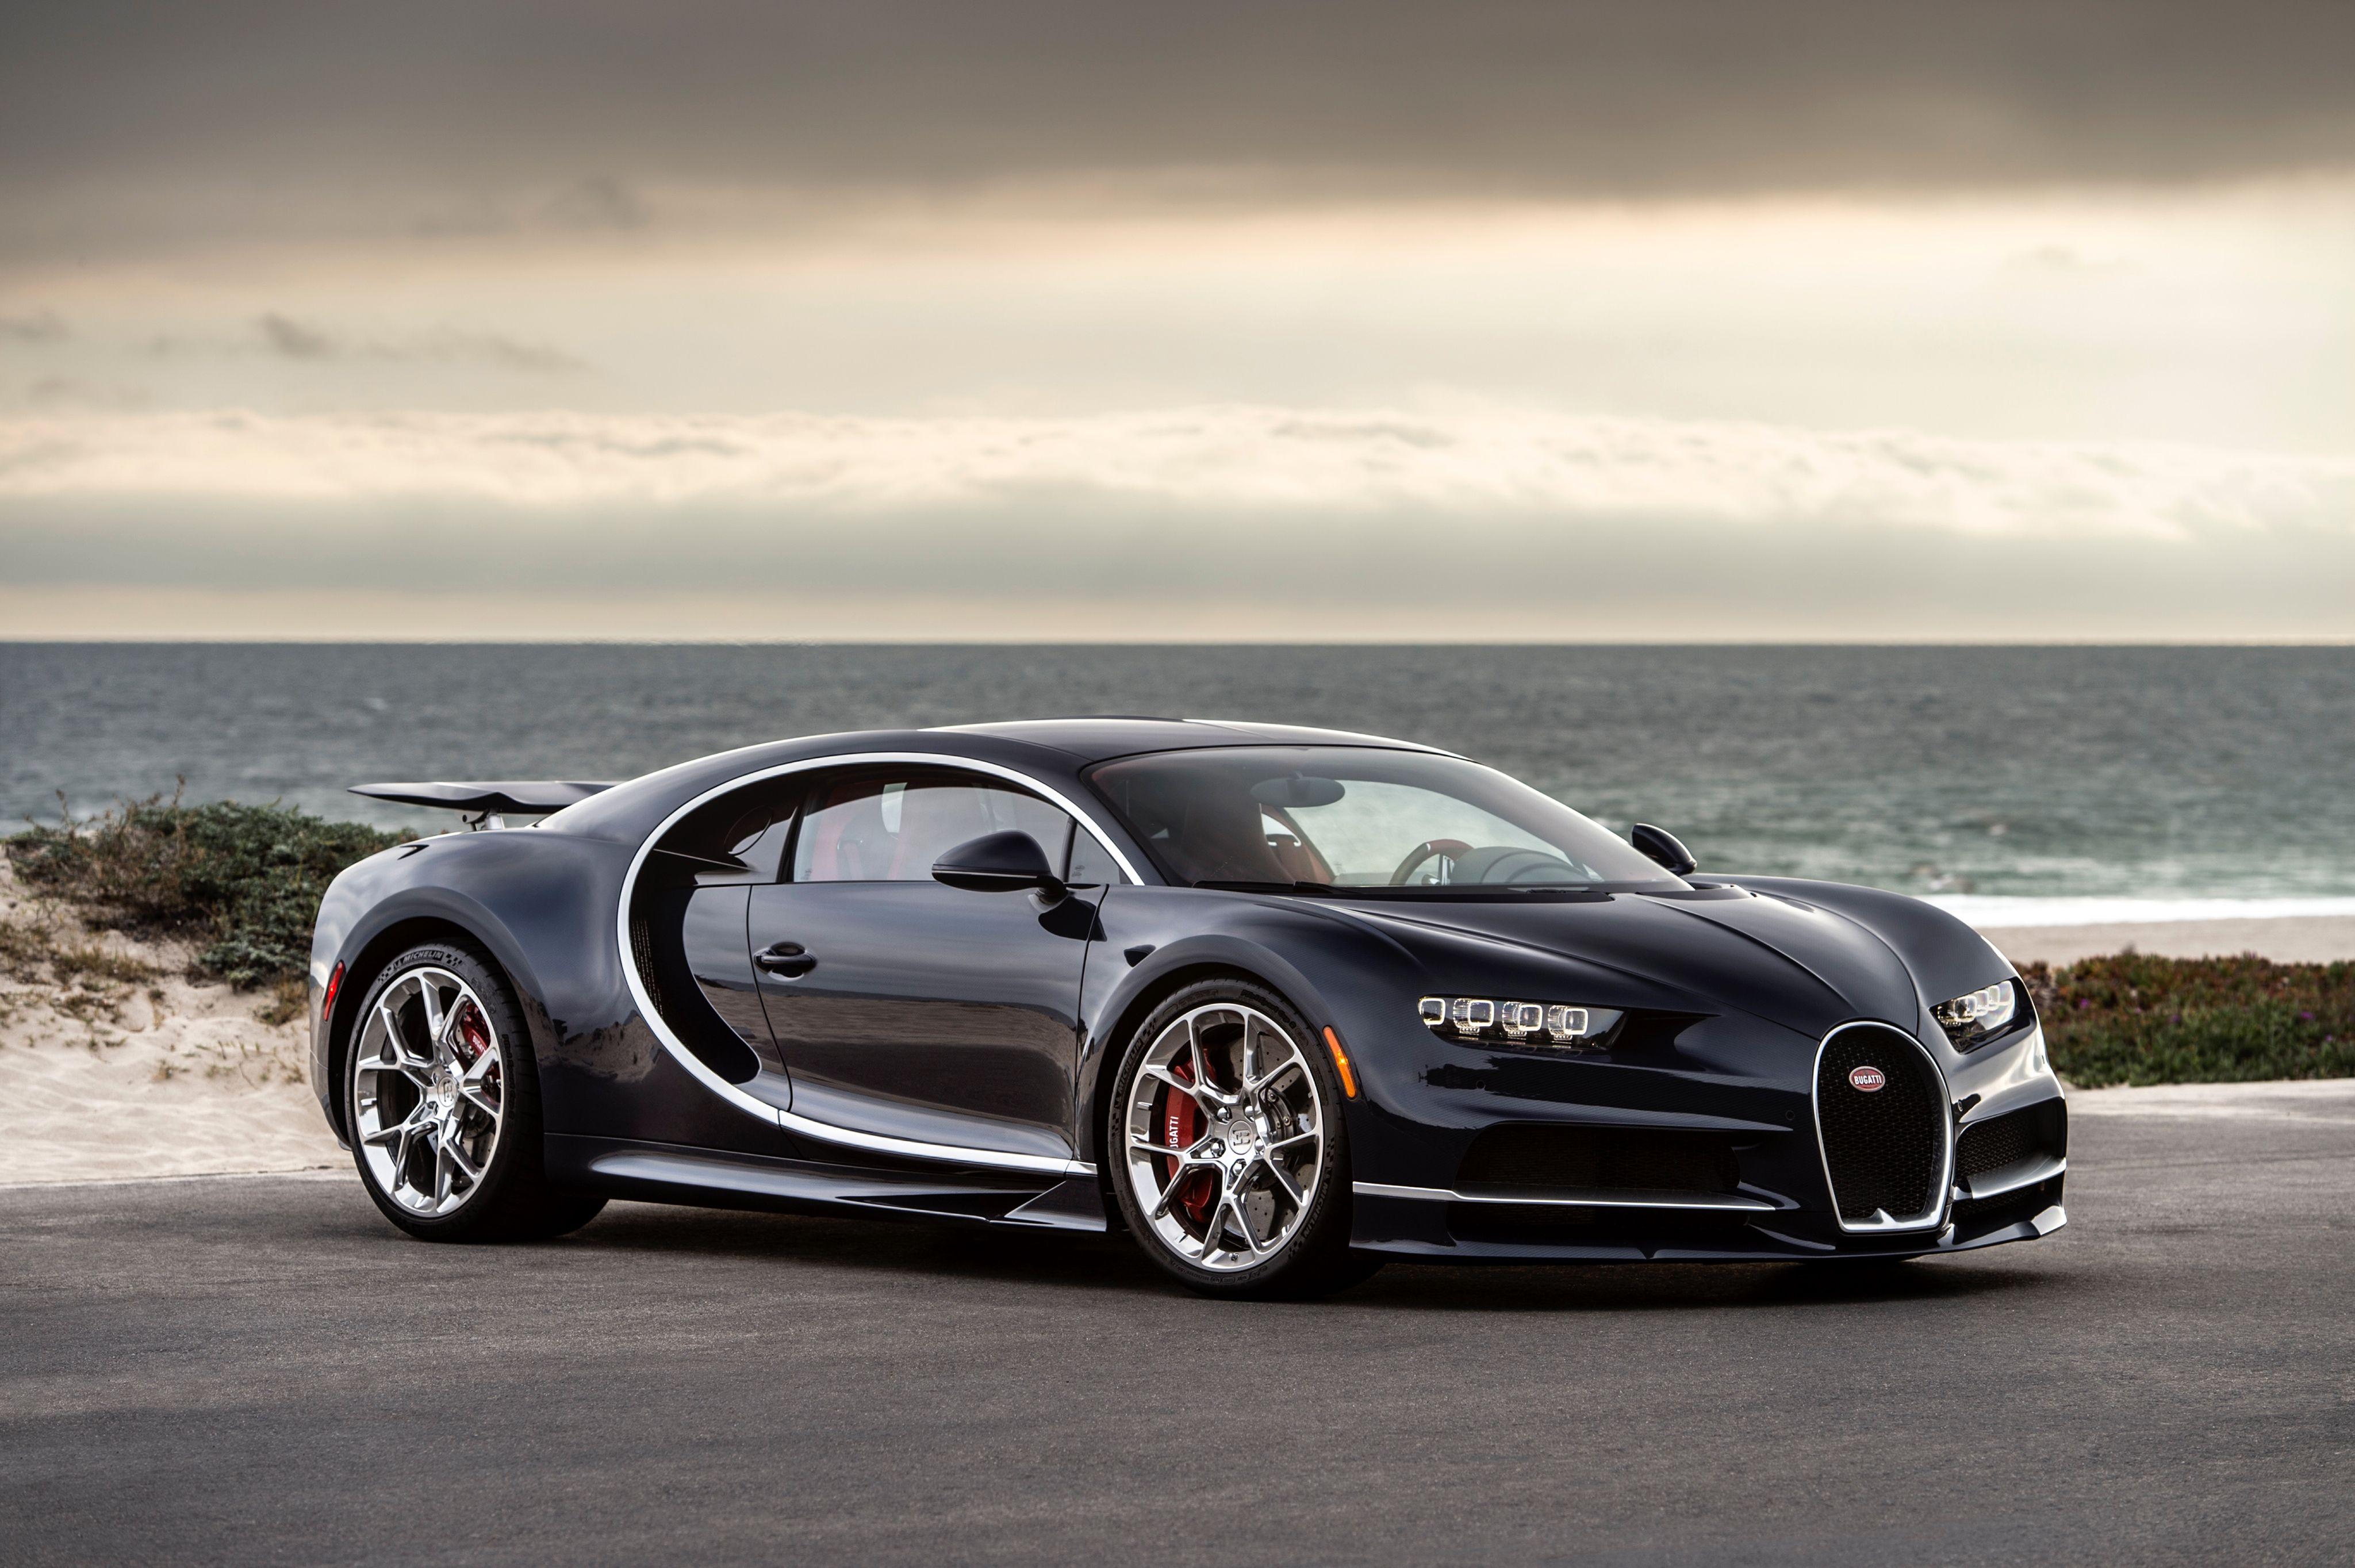 2016 Bugatti Chiron | Other Super Exotics or Unique Vehicles ...